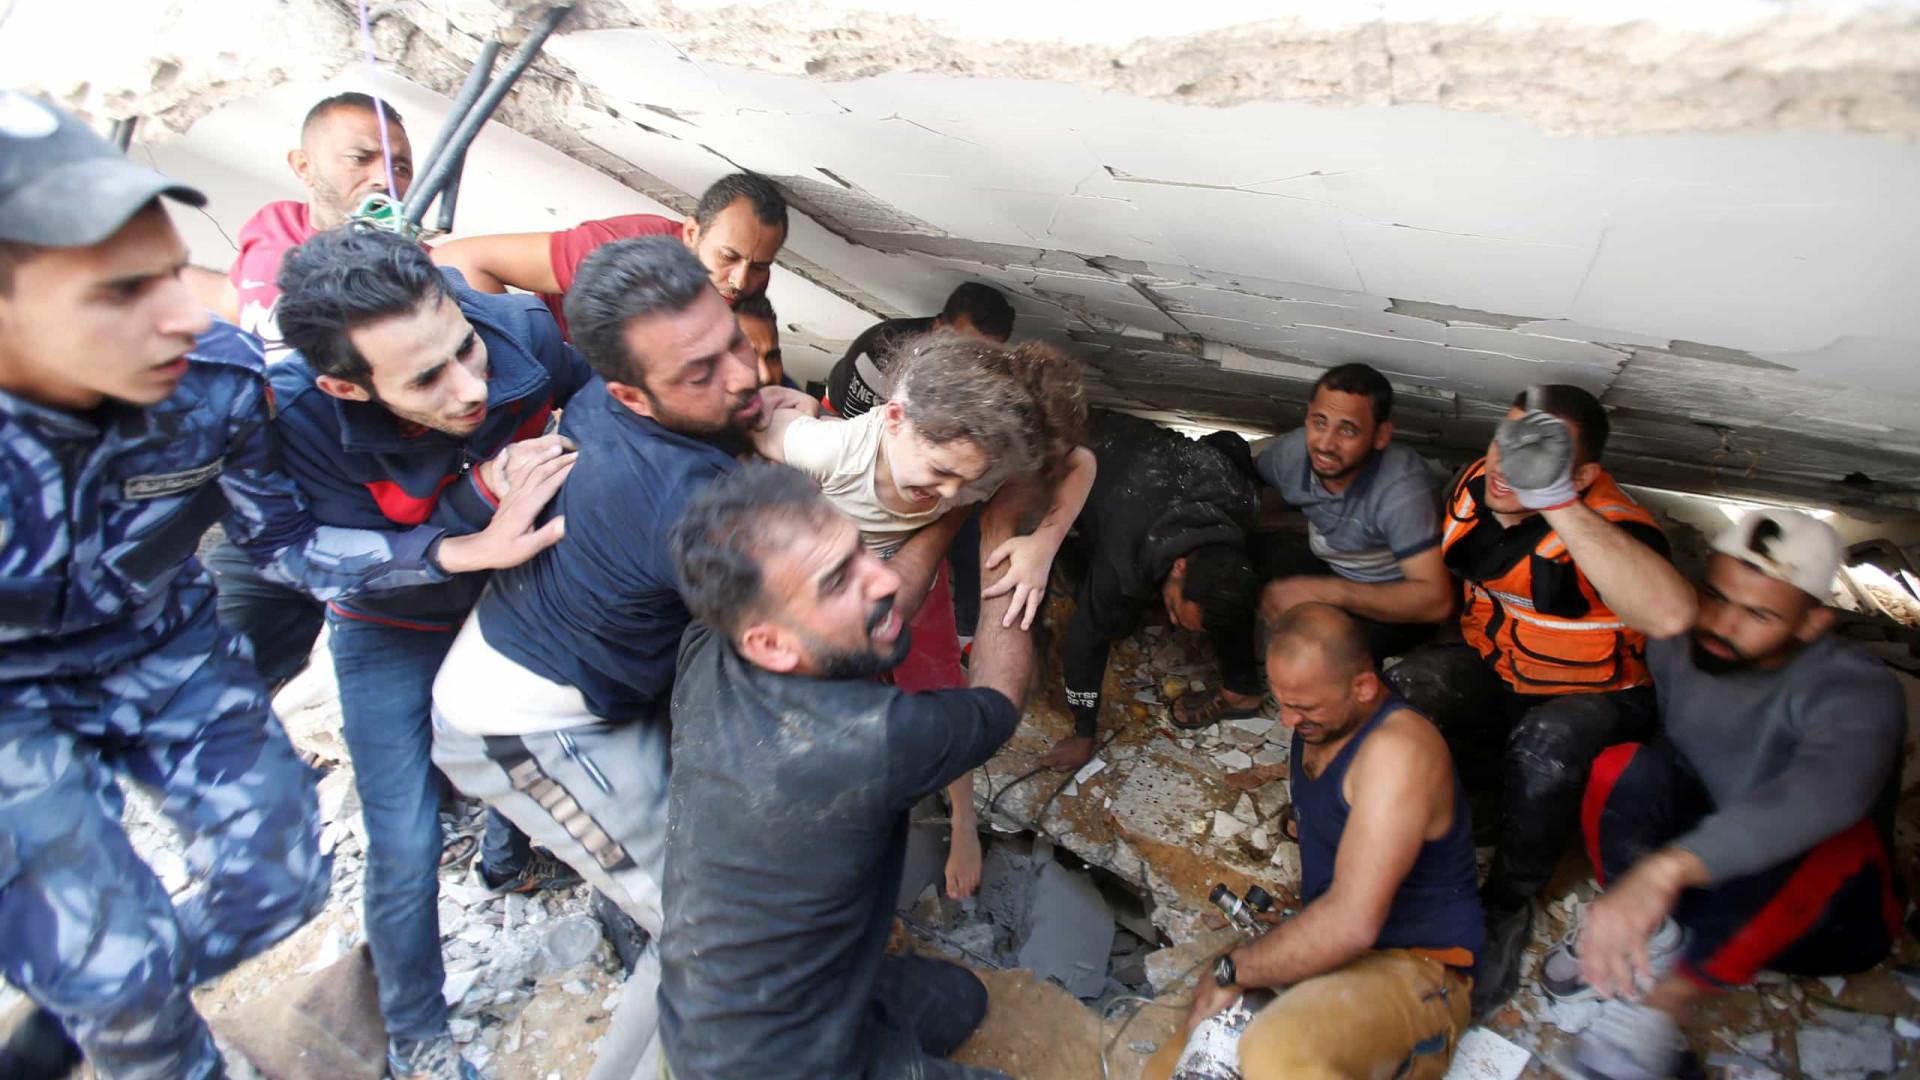 Palestiniana de 6 anos é retirada de escombros onde família morreu